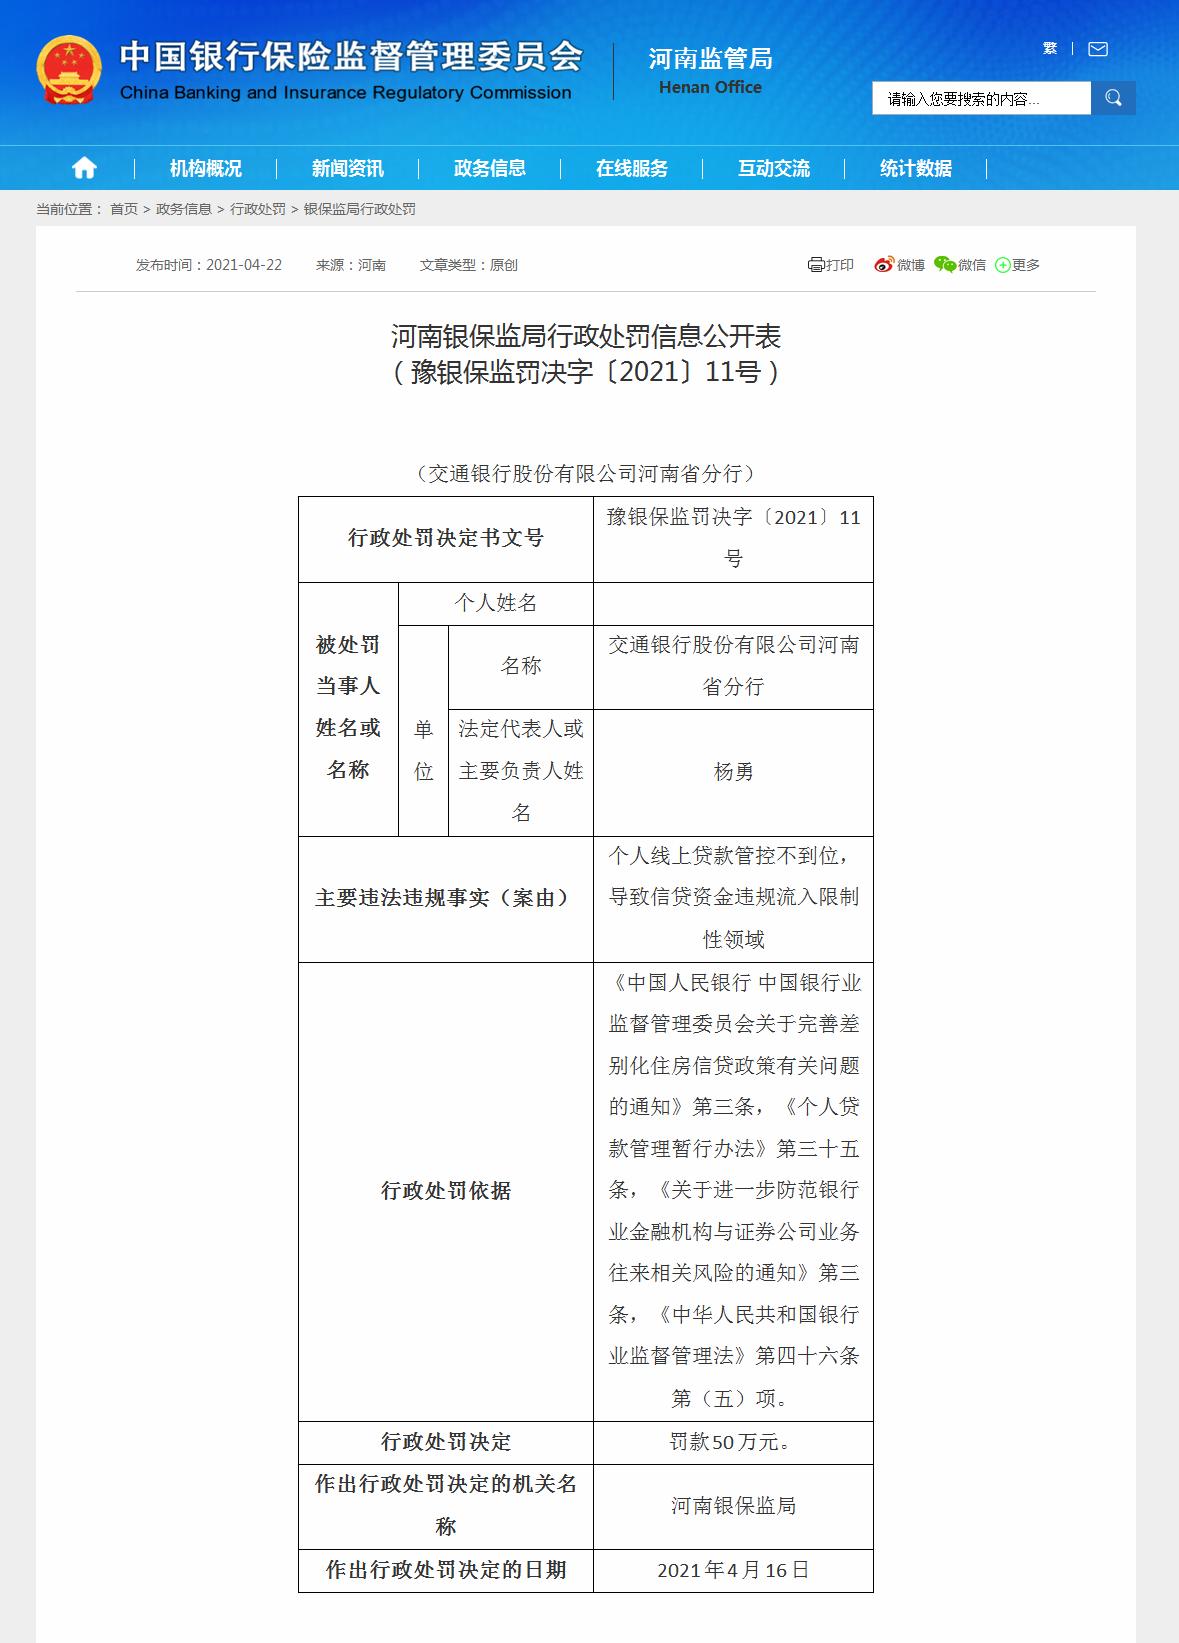 交通银行河南省分行被罚款50万元:个人线上贷款管控不到位